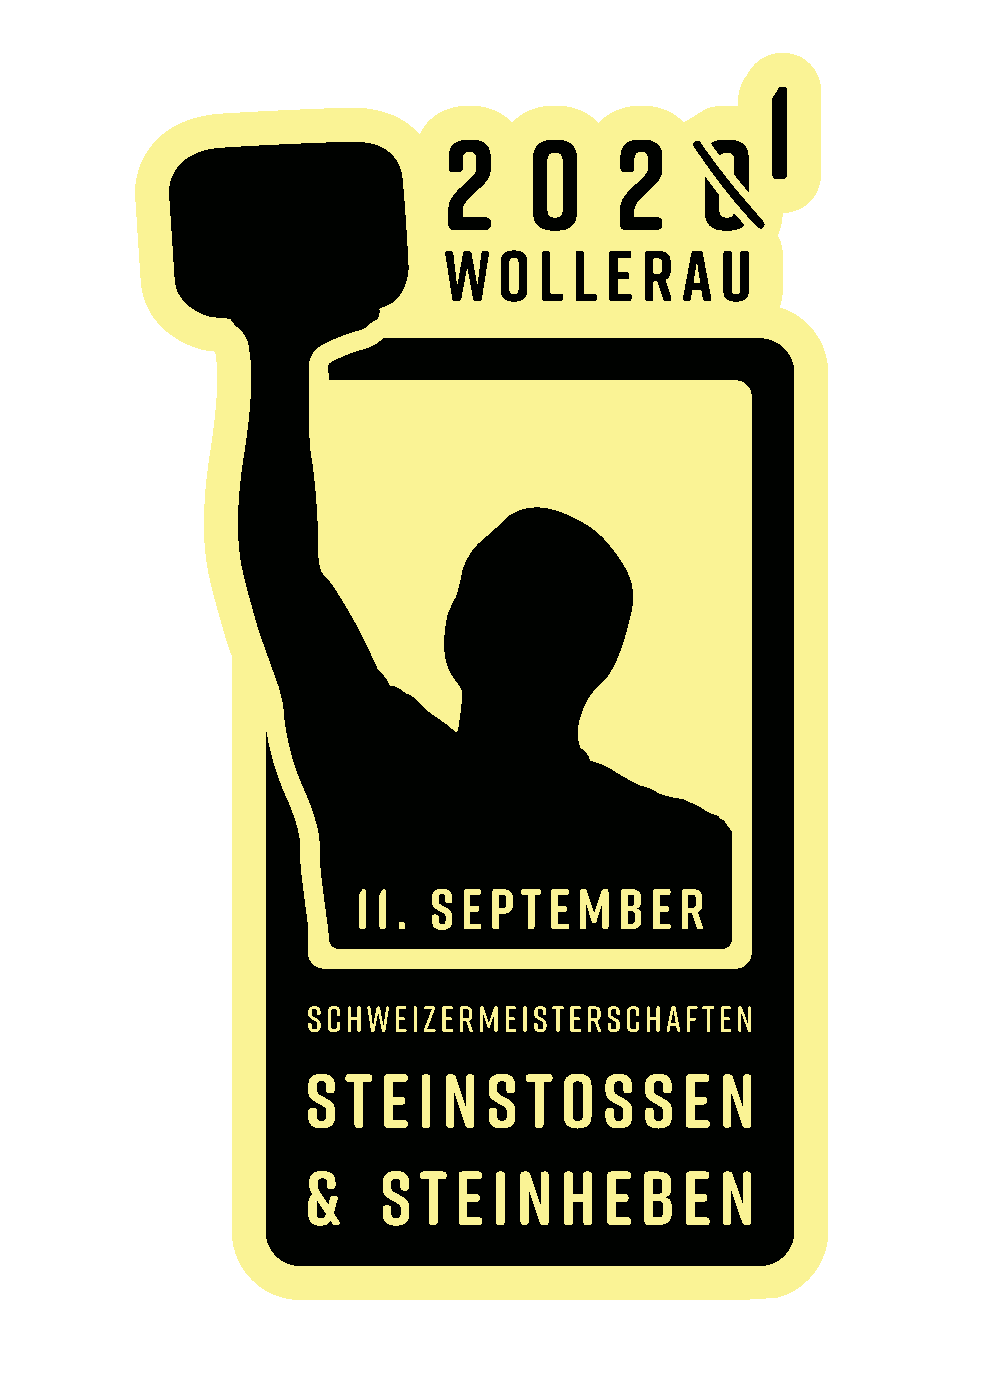 Schweizermeisterschaften im Steinstossen und Steinheben am 11. September